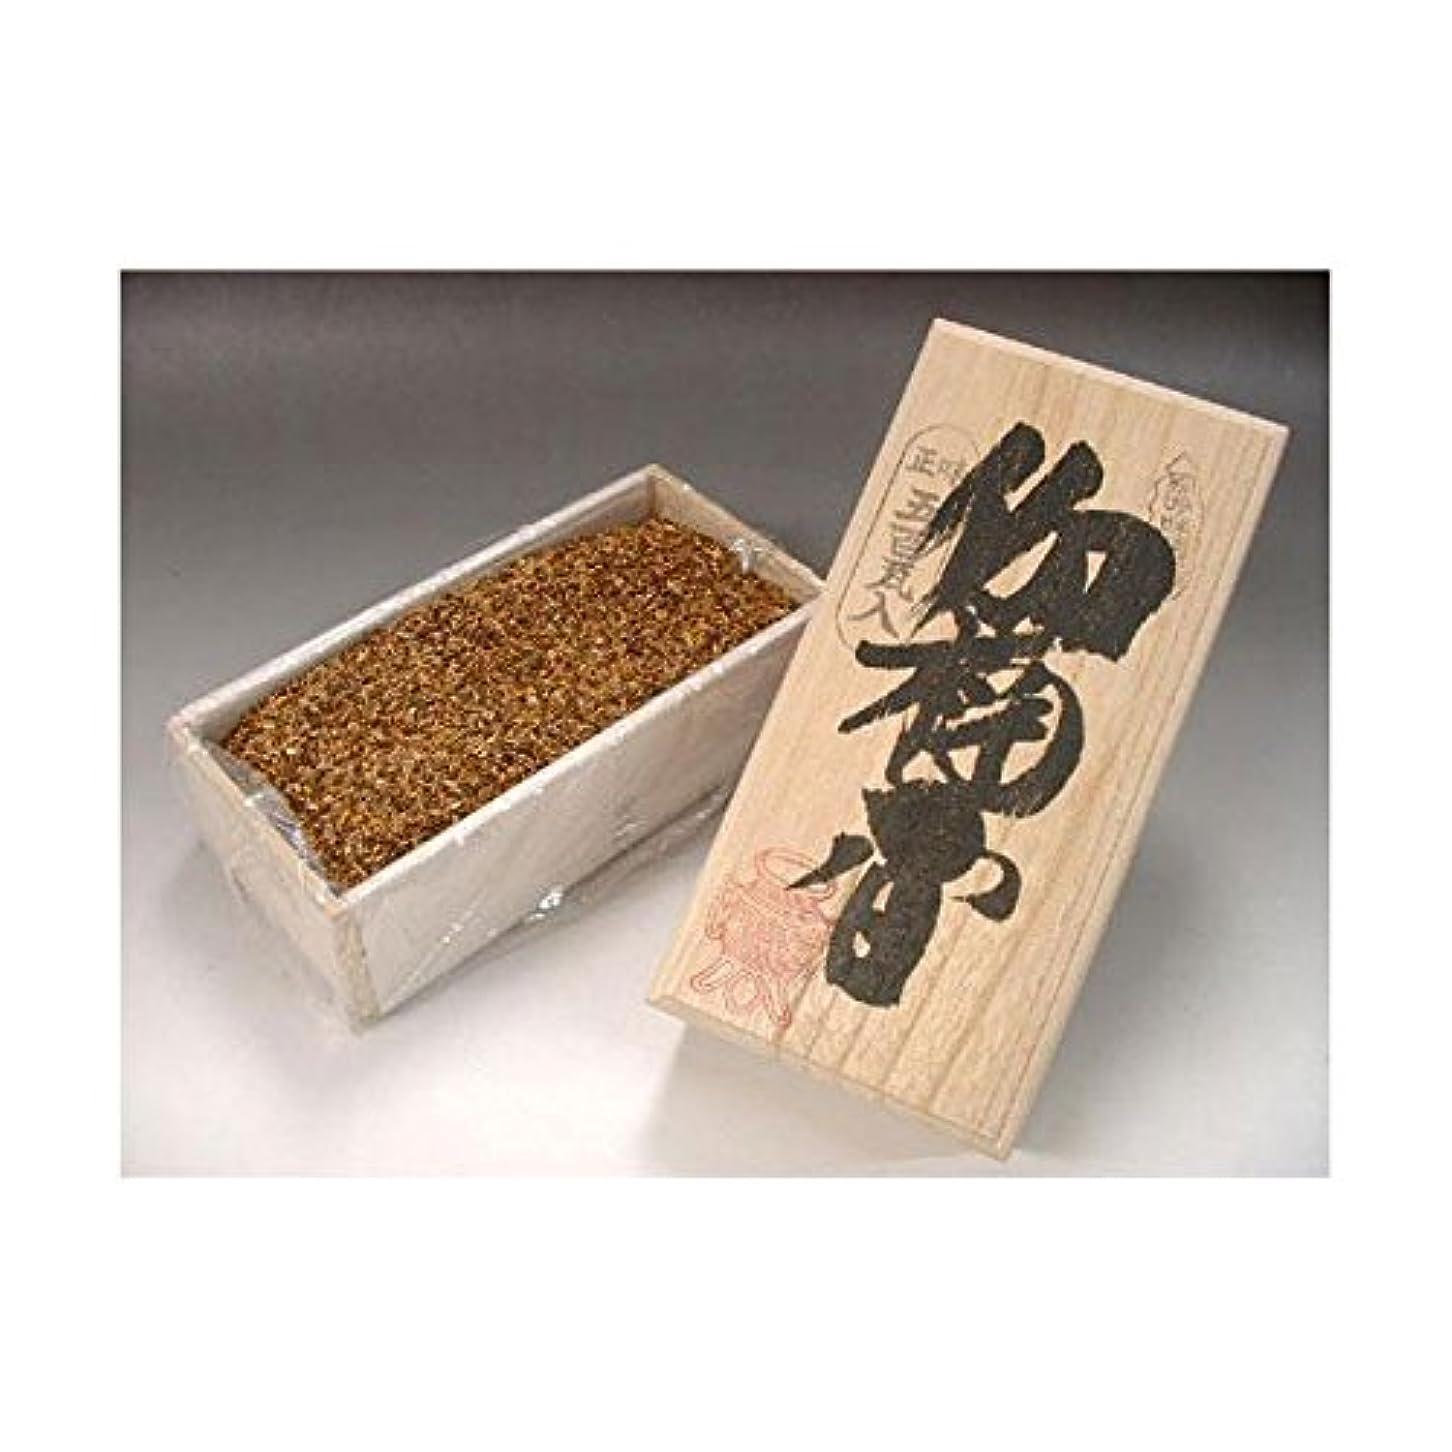 バンジージャンプ新年させる焼香 伽楠香(カナンコウ)500g桐箱入